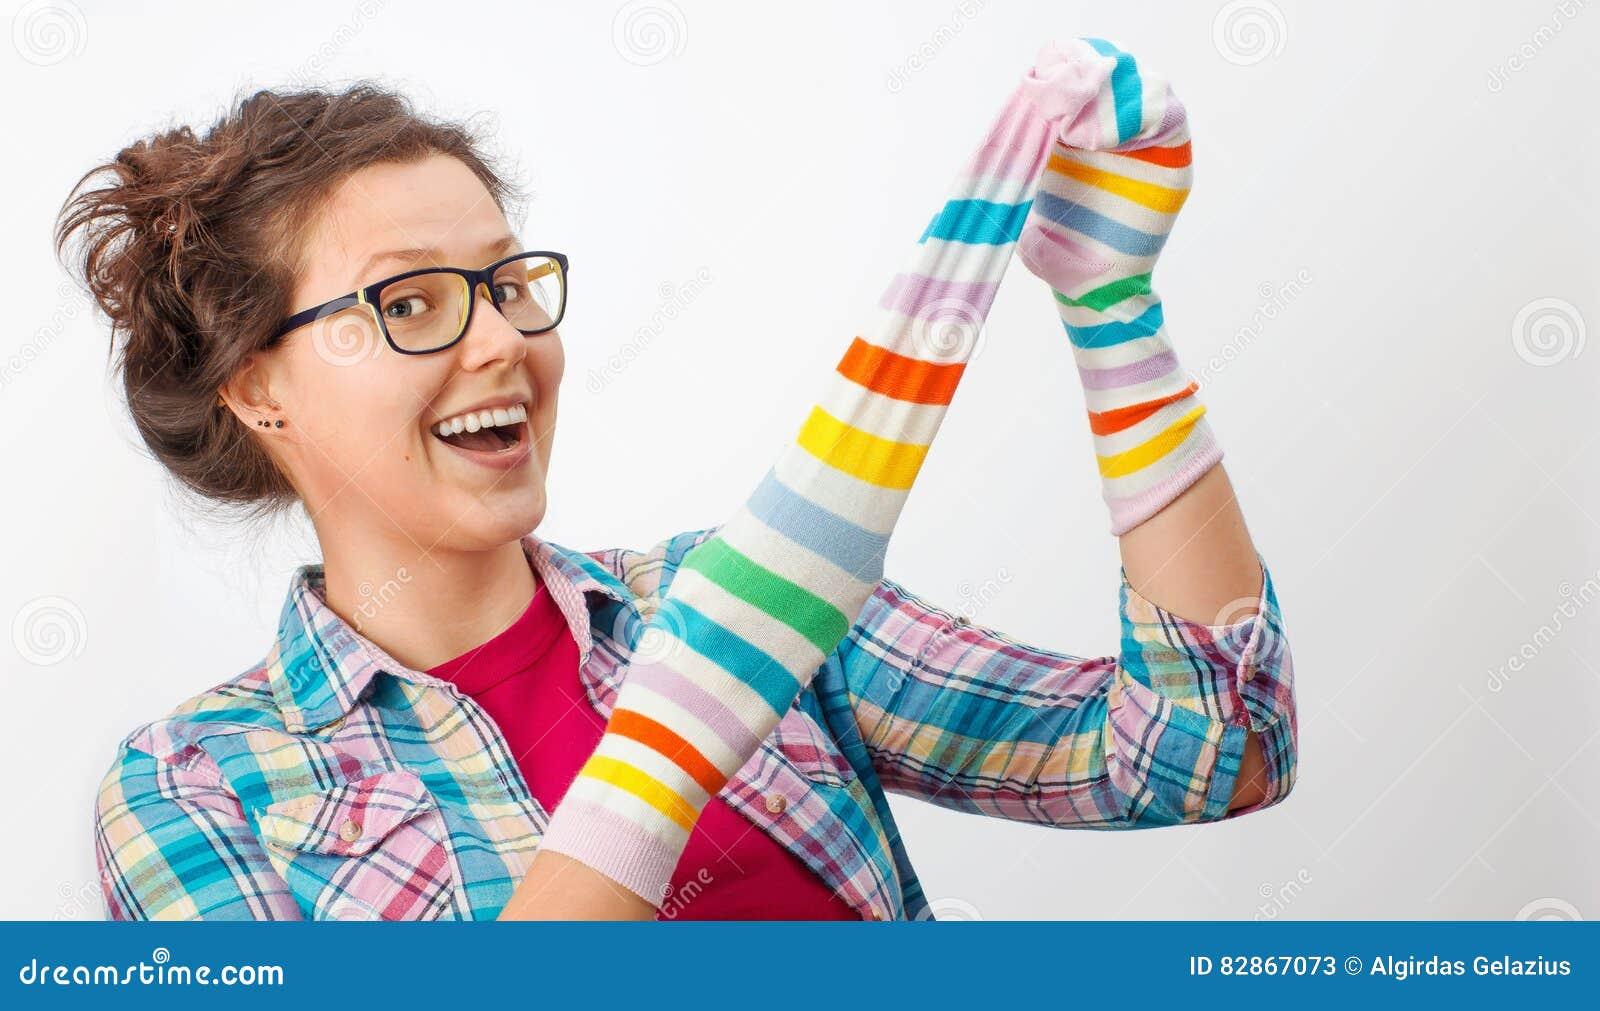 Νέα θηλυκή εκμετάλλευση δύο ζωηρόχρωμες κάλτσες